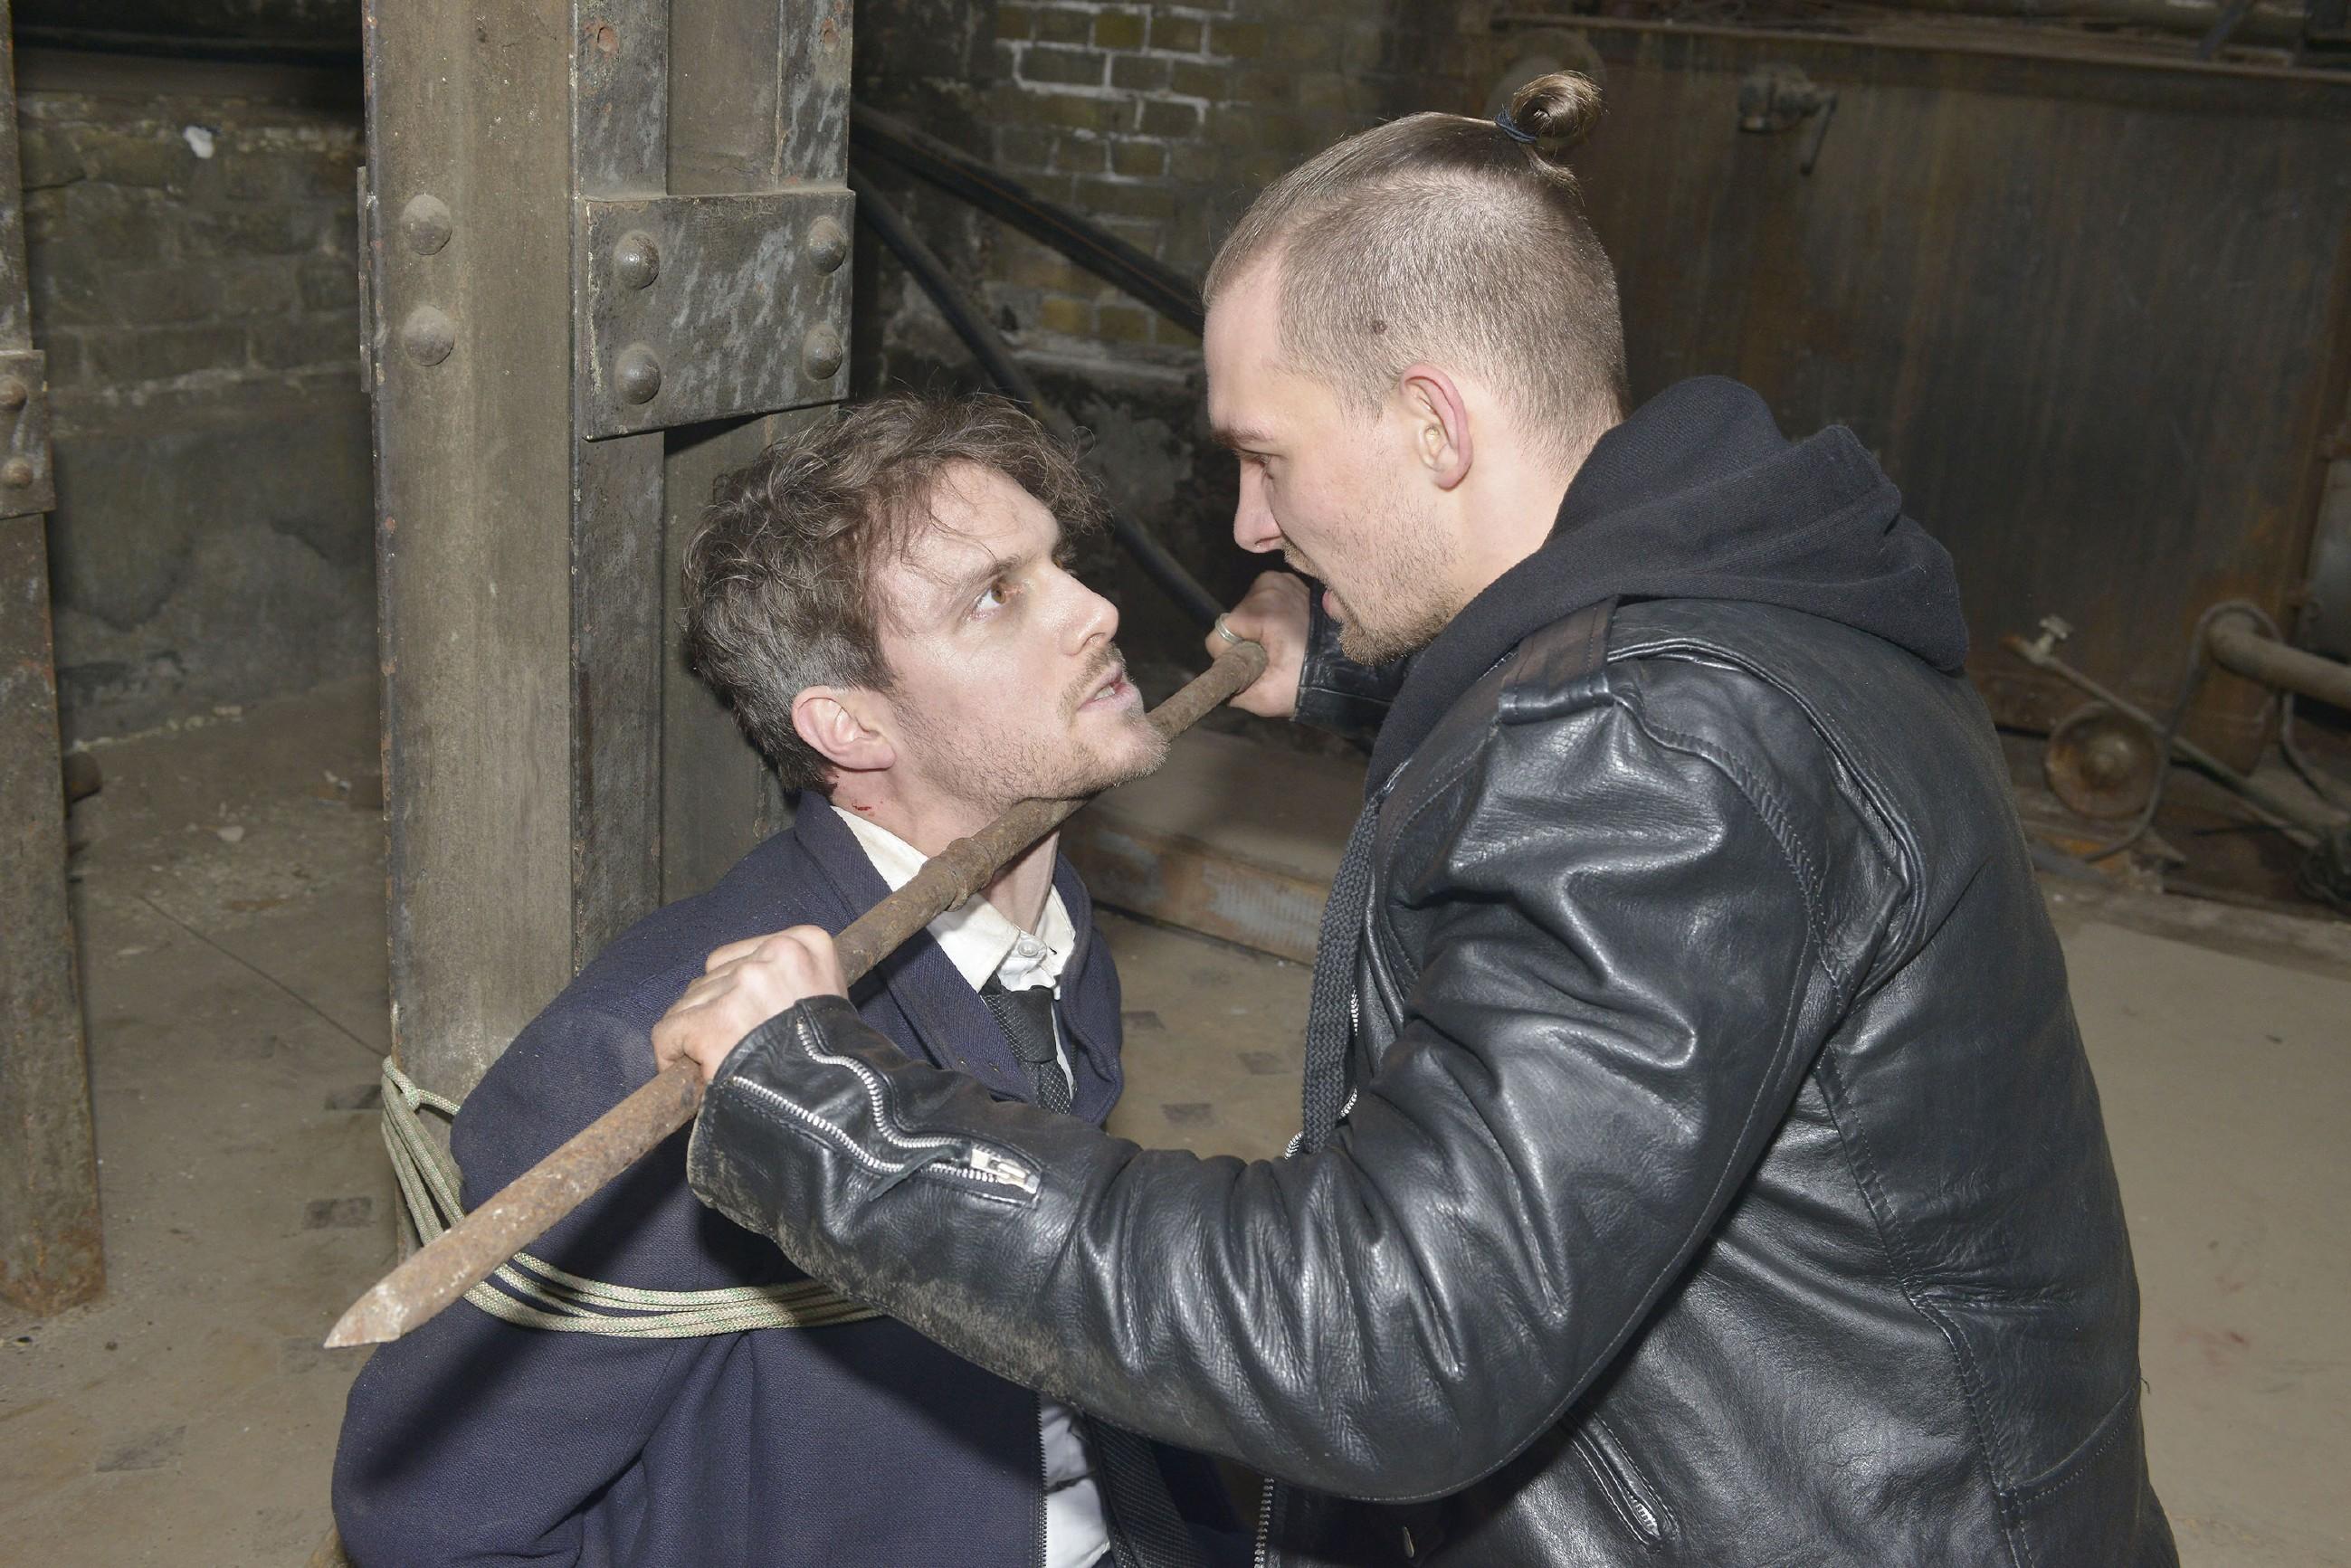 Obwohl Felix (Thaddäus Meilinger, l.) deutlich geschwächt ist, will er vor Chris (Eric Stehfest) nicht klein beigeben und bietet ihm weiterhin die Stirn. Wird Chris zu weit gehen, um an ein Geständnis zu kommen? (Quelle: RTL / Rolf Baumgartner)